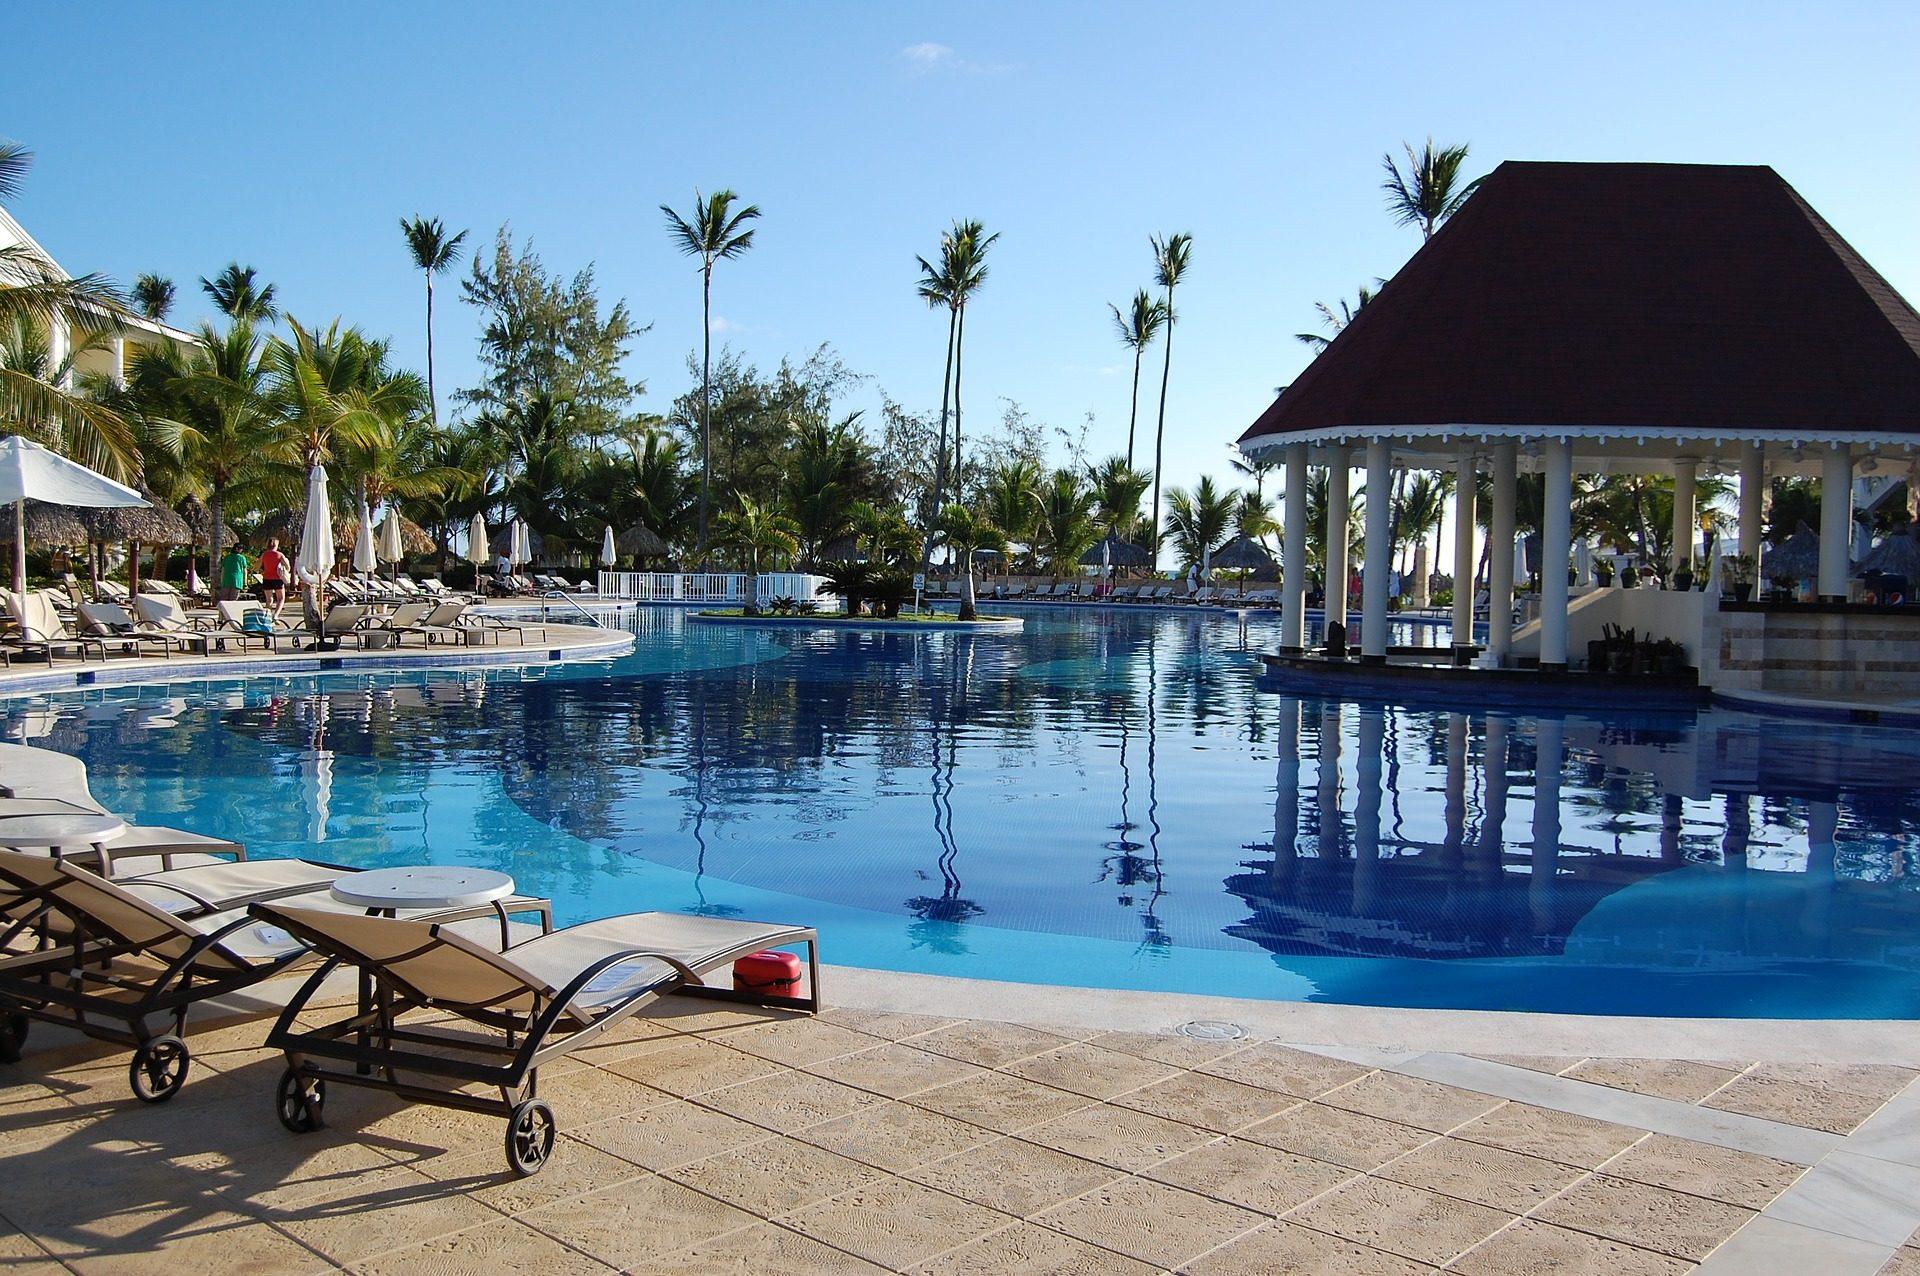 Hotel, Resort, Viaggi, piscina, amache, resto, rilassarsi, Repubblica Dominicana - Sfondi HD - Professor-falken.com